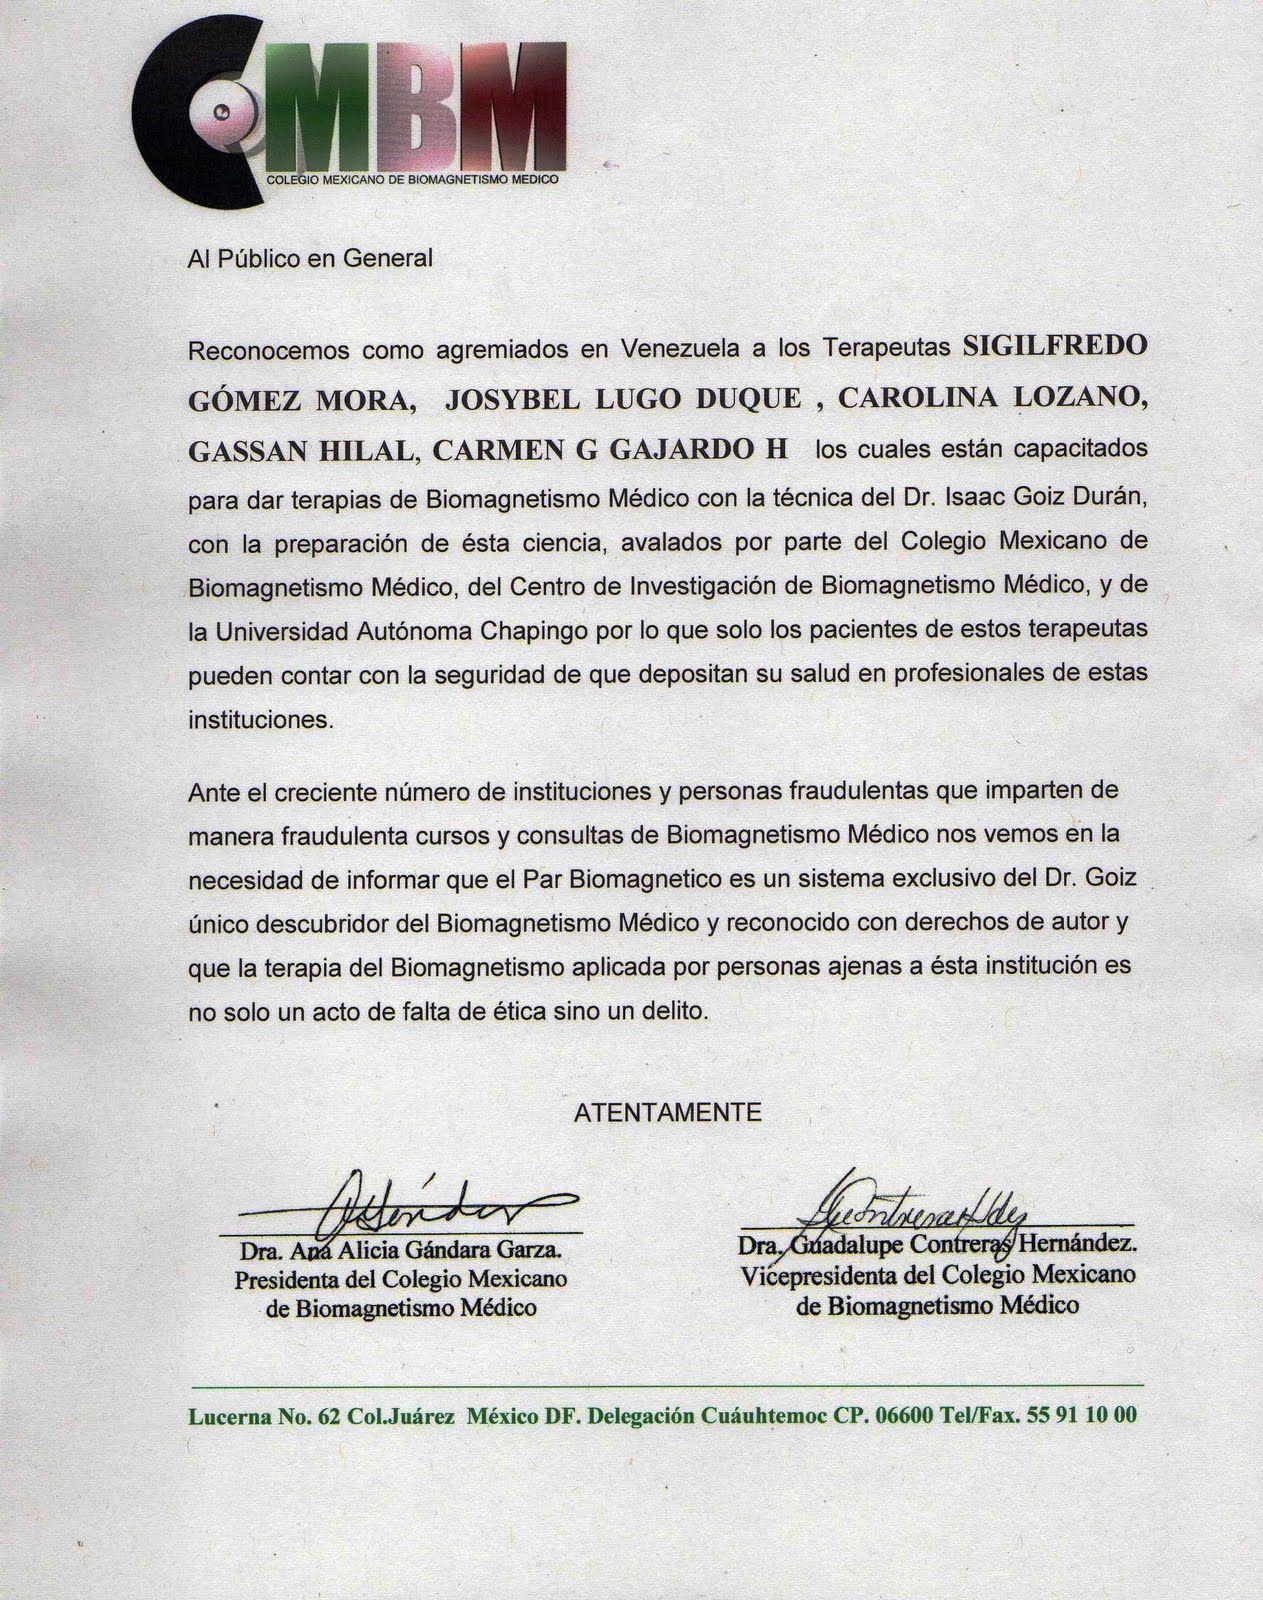 BIOMAGNETISMO MÉDICO EN VENEZUELA